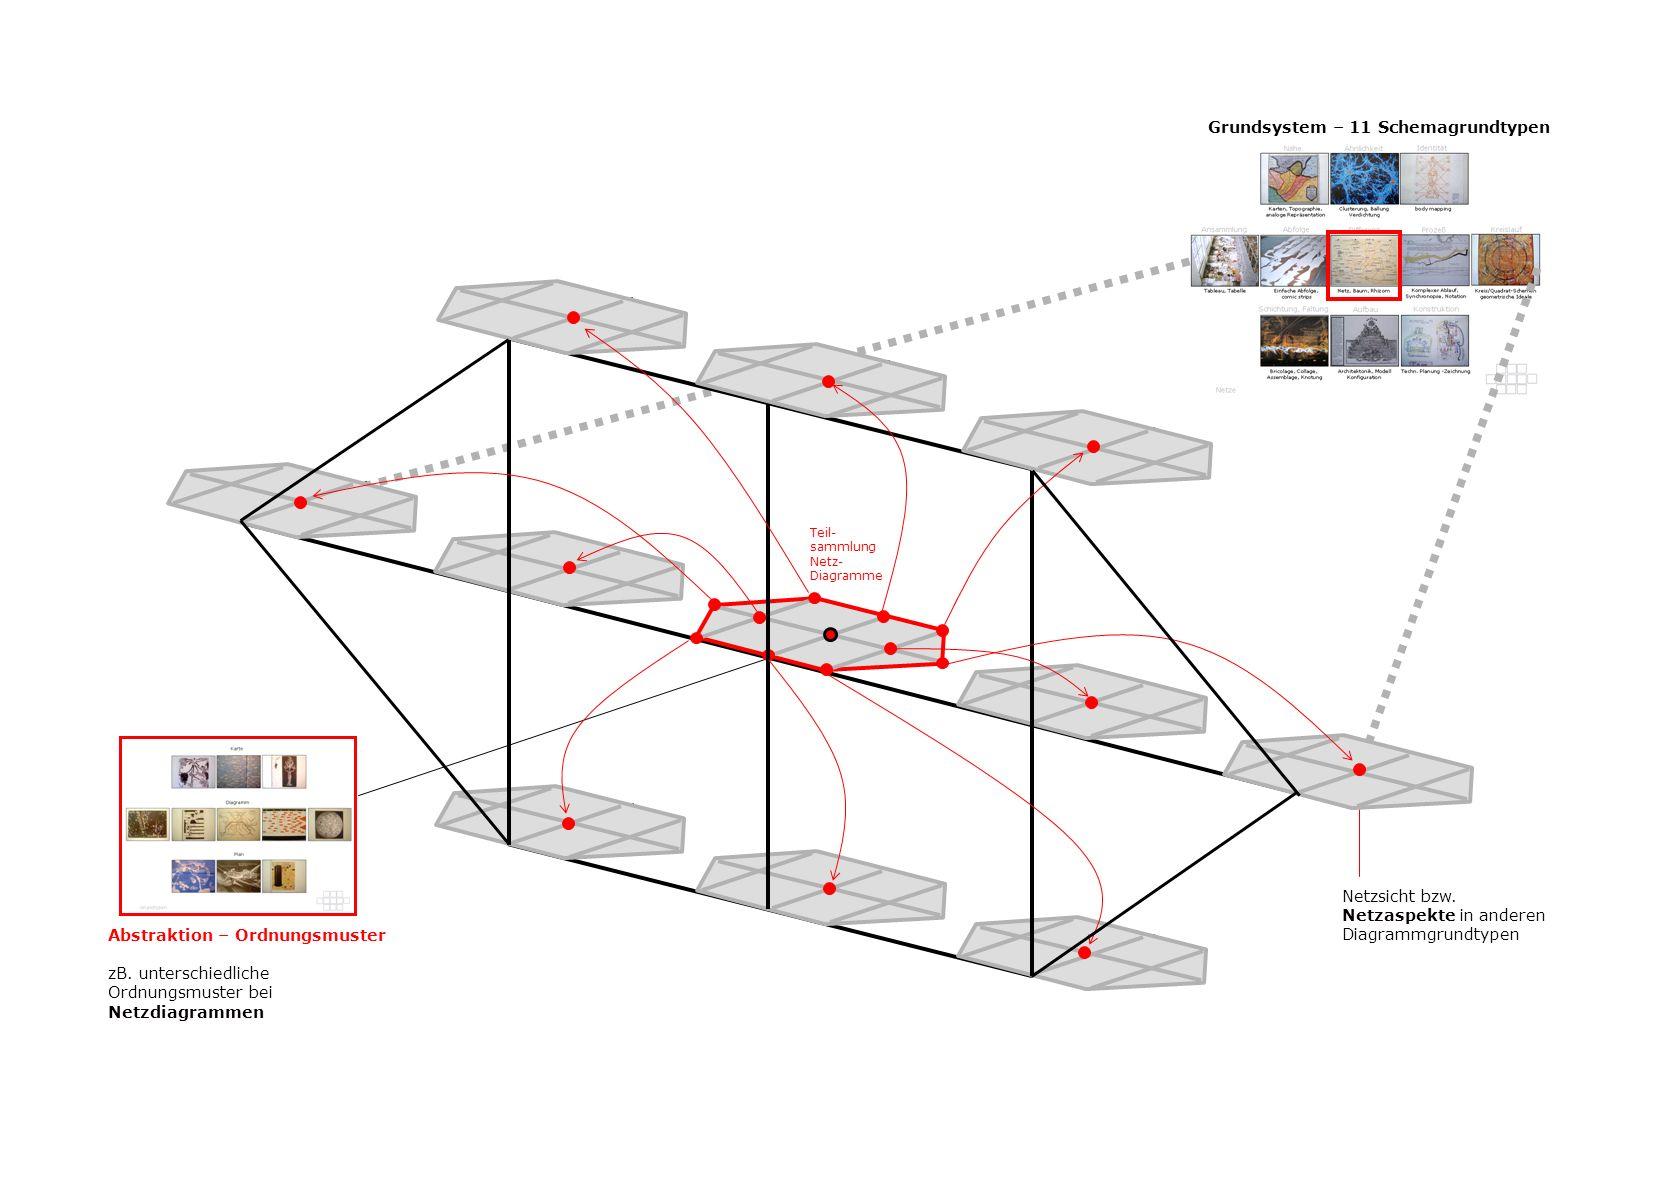 Abstraktion – Ordnungsmuster zB. unterschiedliche Ordnungsmuster bei Netzdiagrammen Grundsystem – 11 Schemagrundtypen Netzsicht bzw. Netzaspekte in an